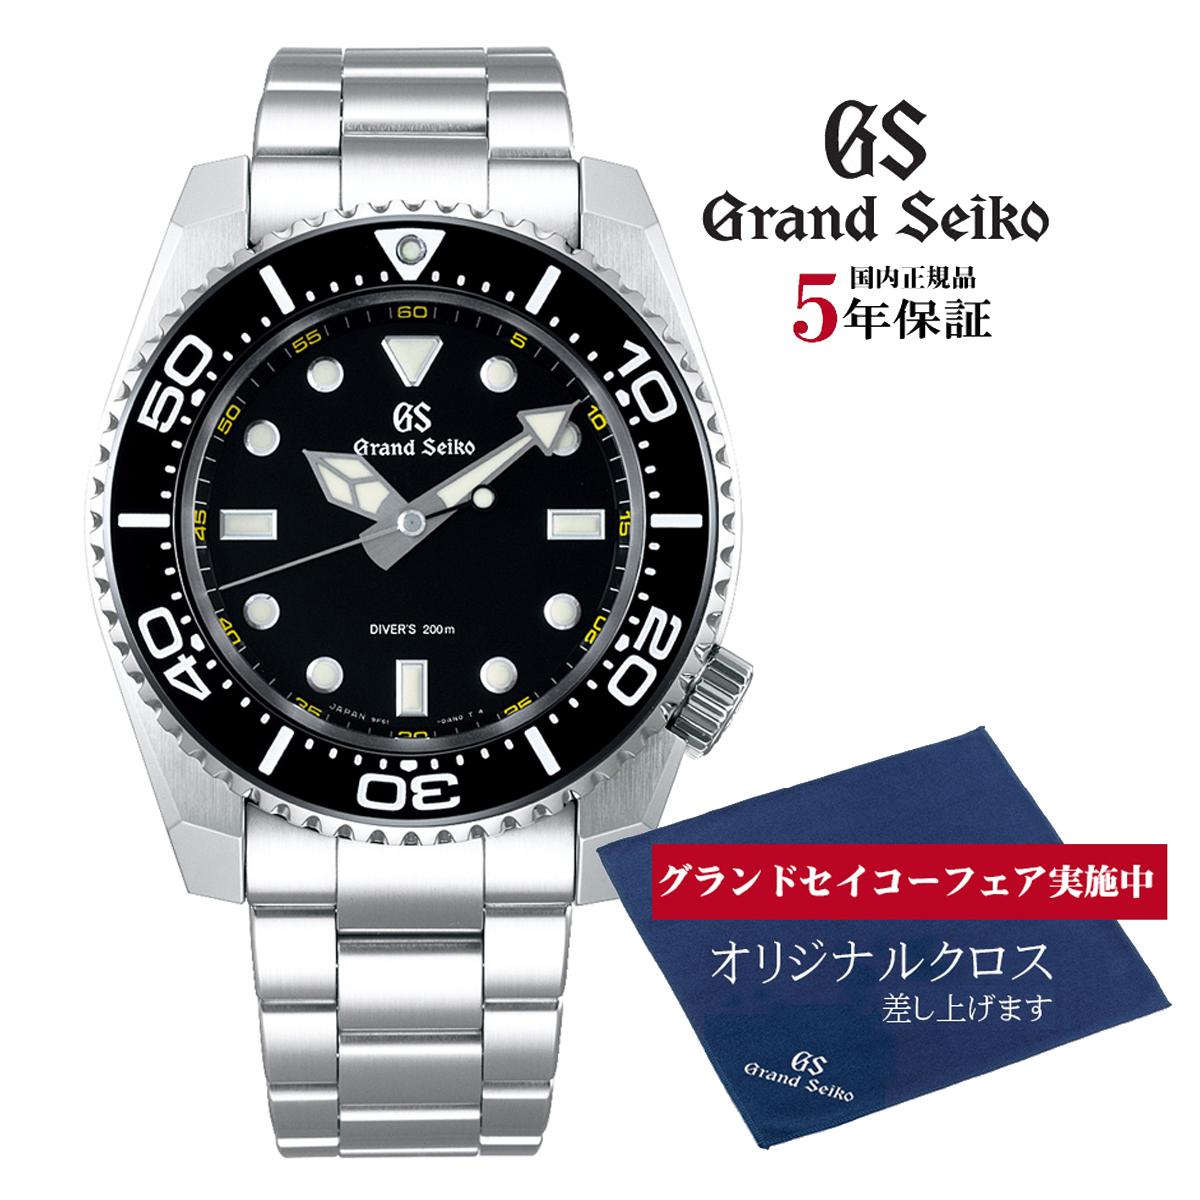 グランドセイコー Grand Seiko 正規メーカー保証3年 SBGX335 9Fクォーツ ダイバー 正規品 腕時計